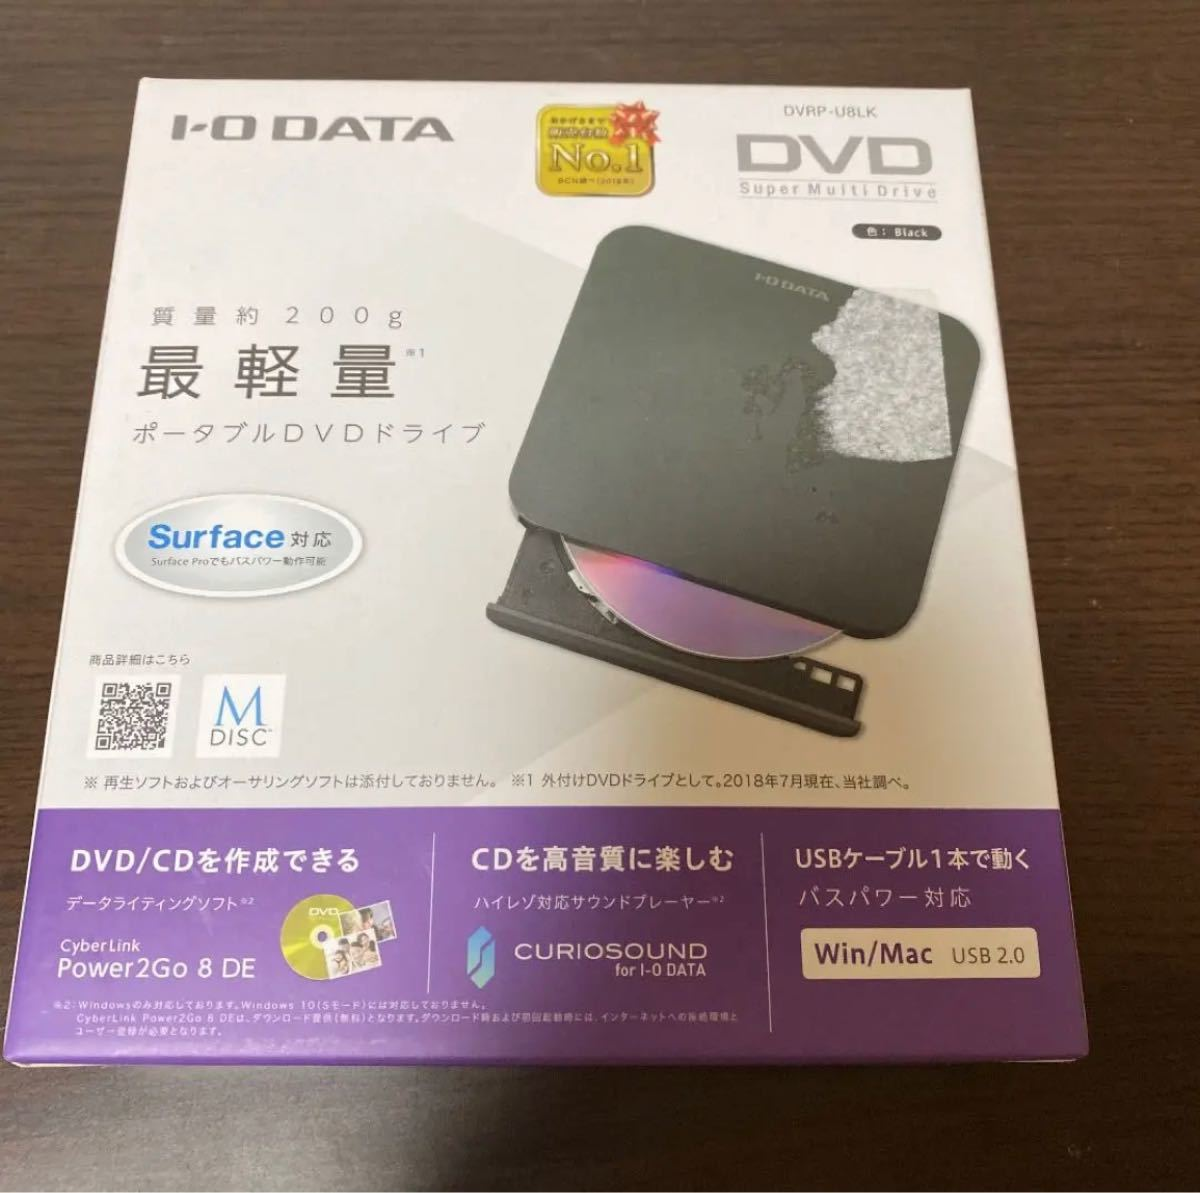 I・O DATA DVRP-U8LK